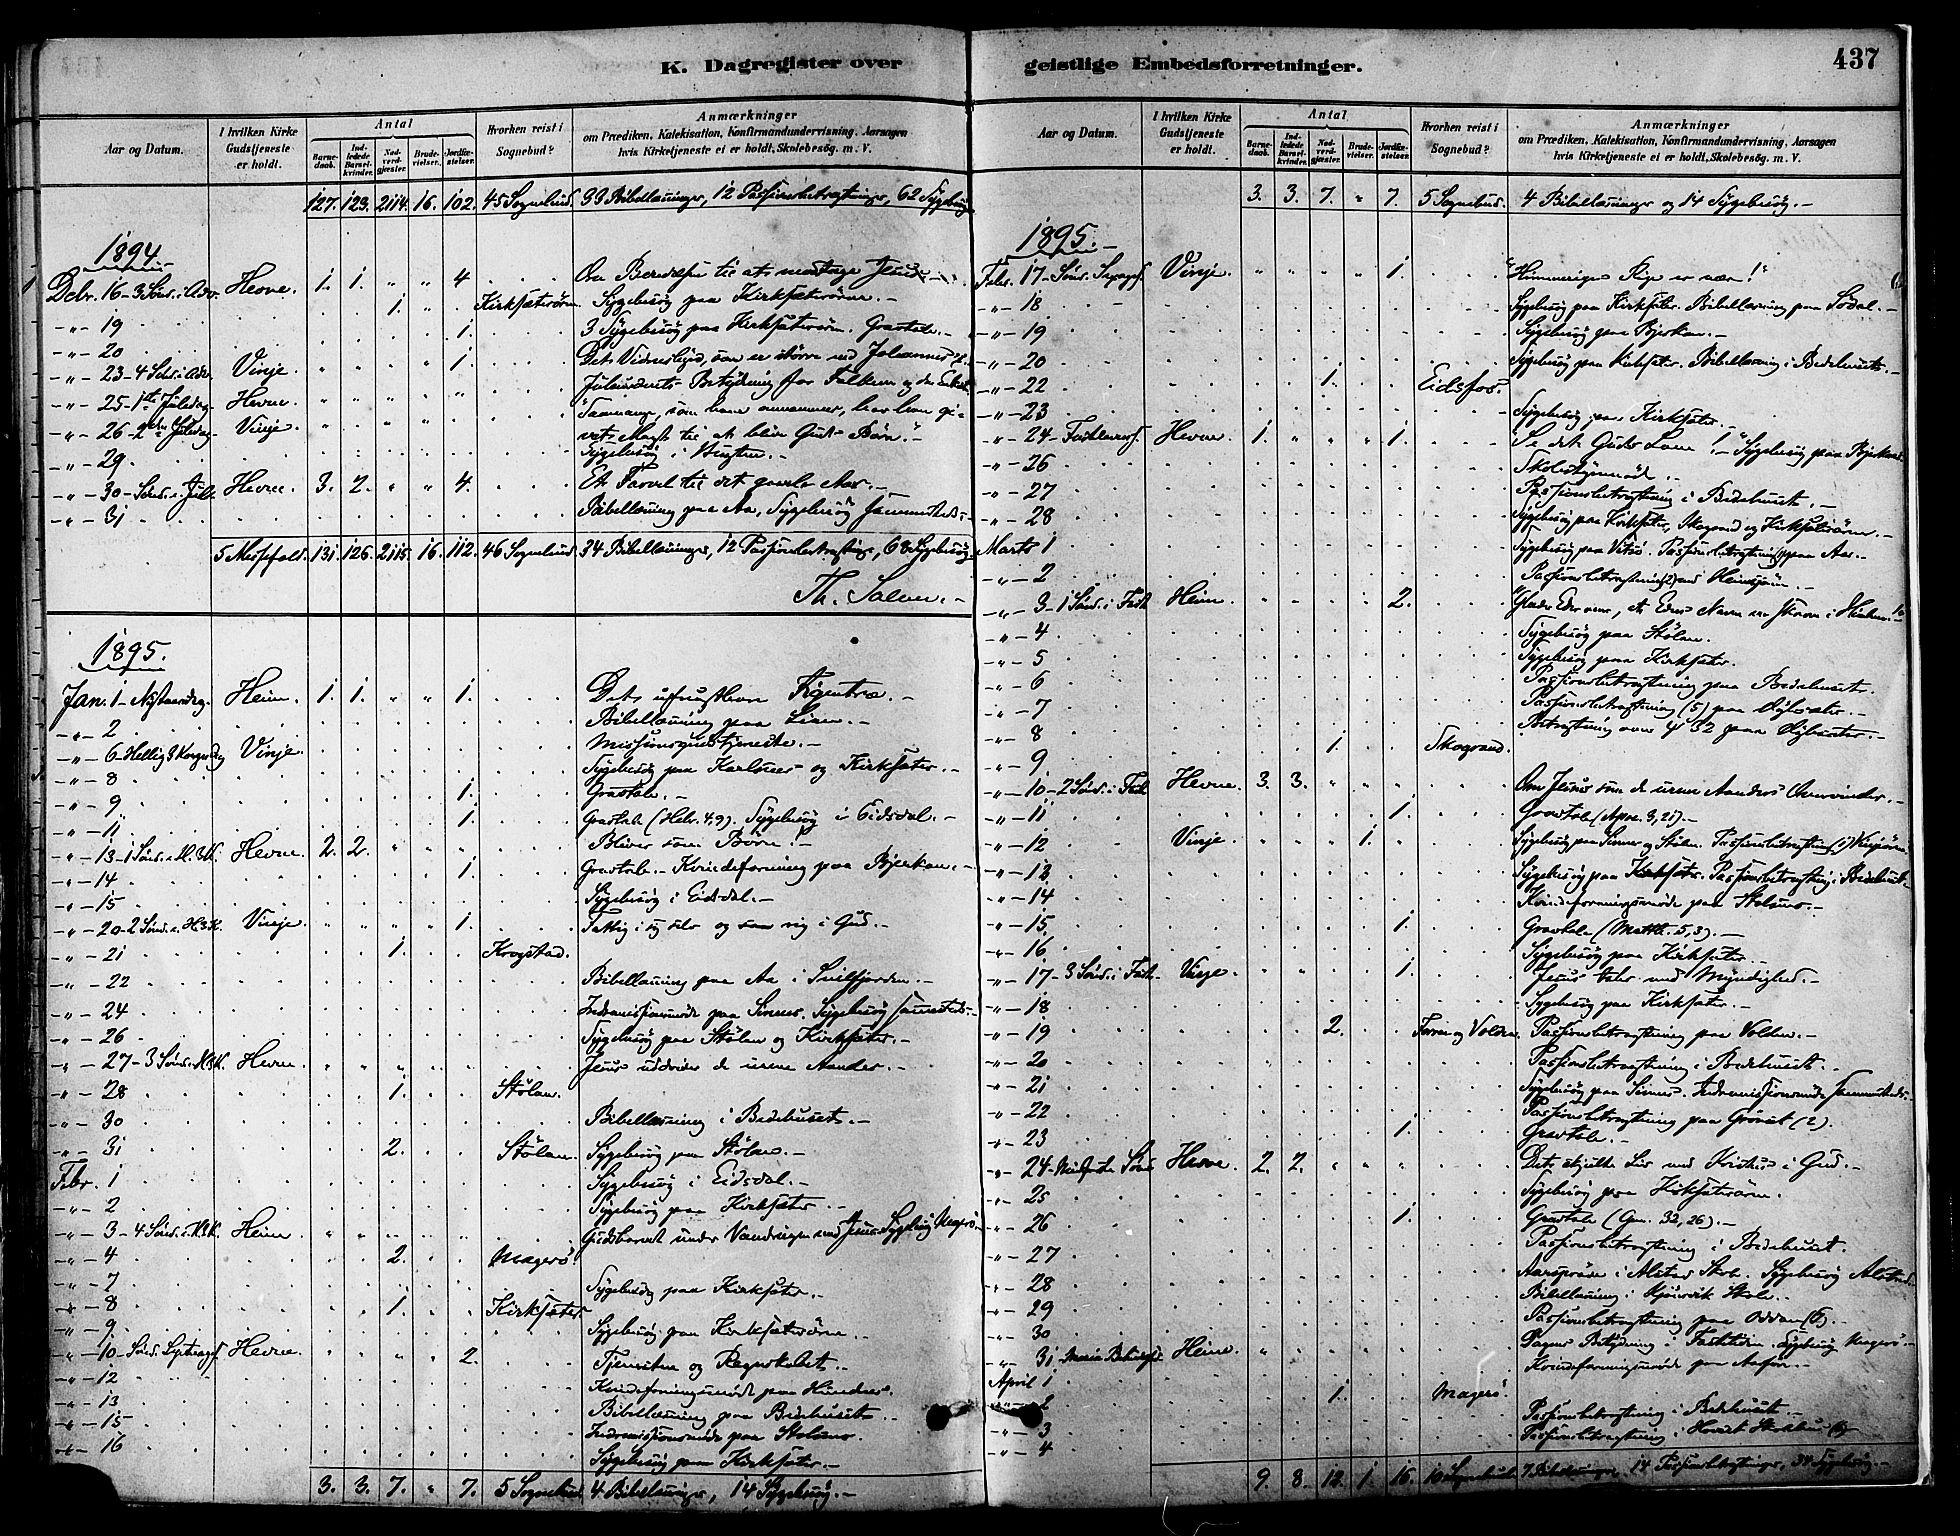 SAT, Ministerialprotokoller, klokkerbøker og fødselsregistre - Sør-Trøndelag, 630/L0496: Ministerialbok nr. 630A09, 1879-1895, s. 437